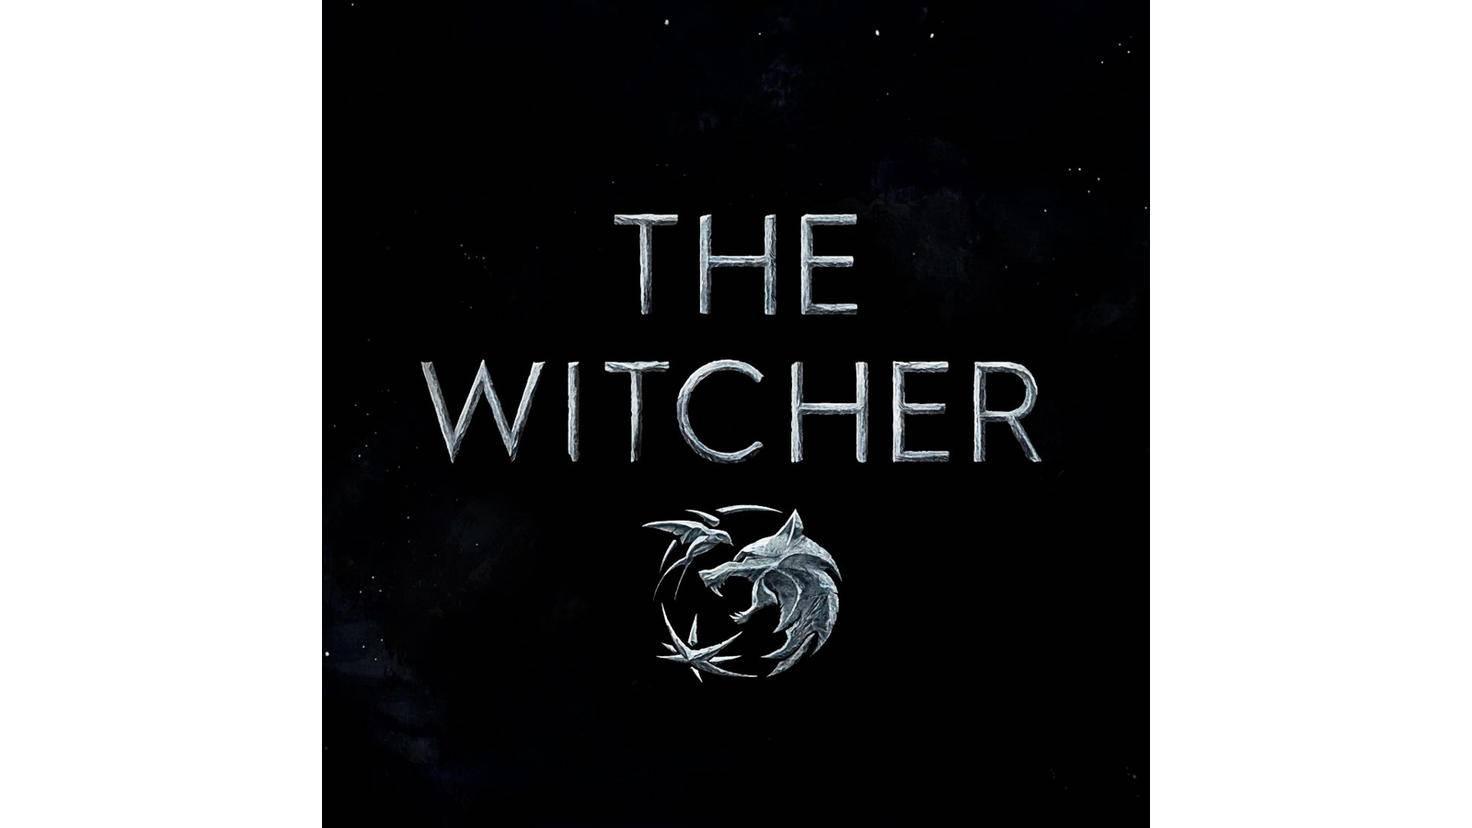 Die drei Medaillons von Geralt, Ciri und Yennefer im Logo vereint: der Wolf, die Schwalbe und der Stern.